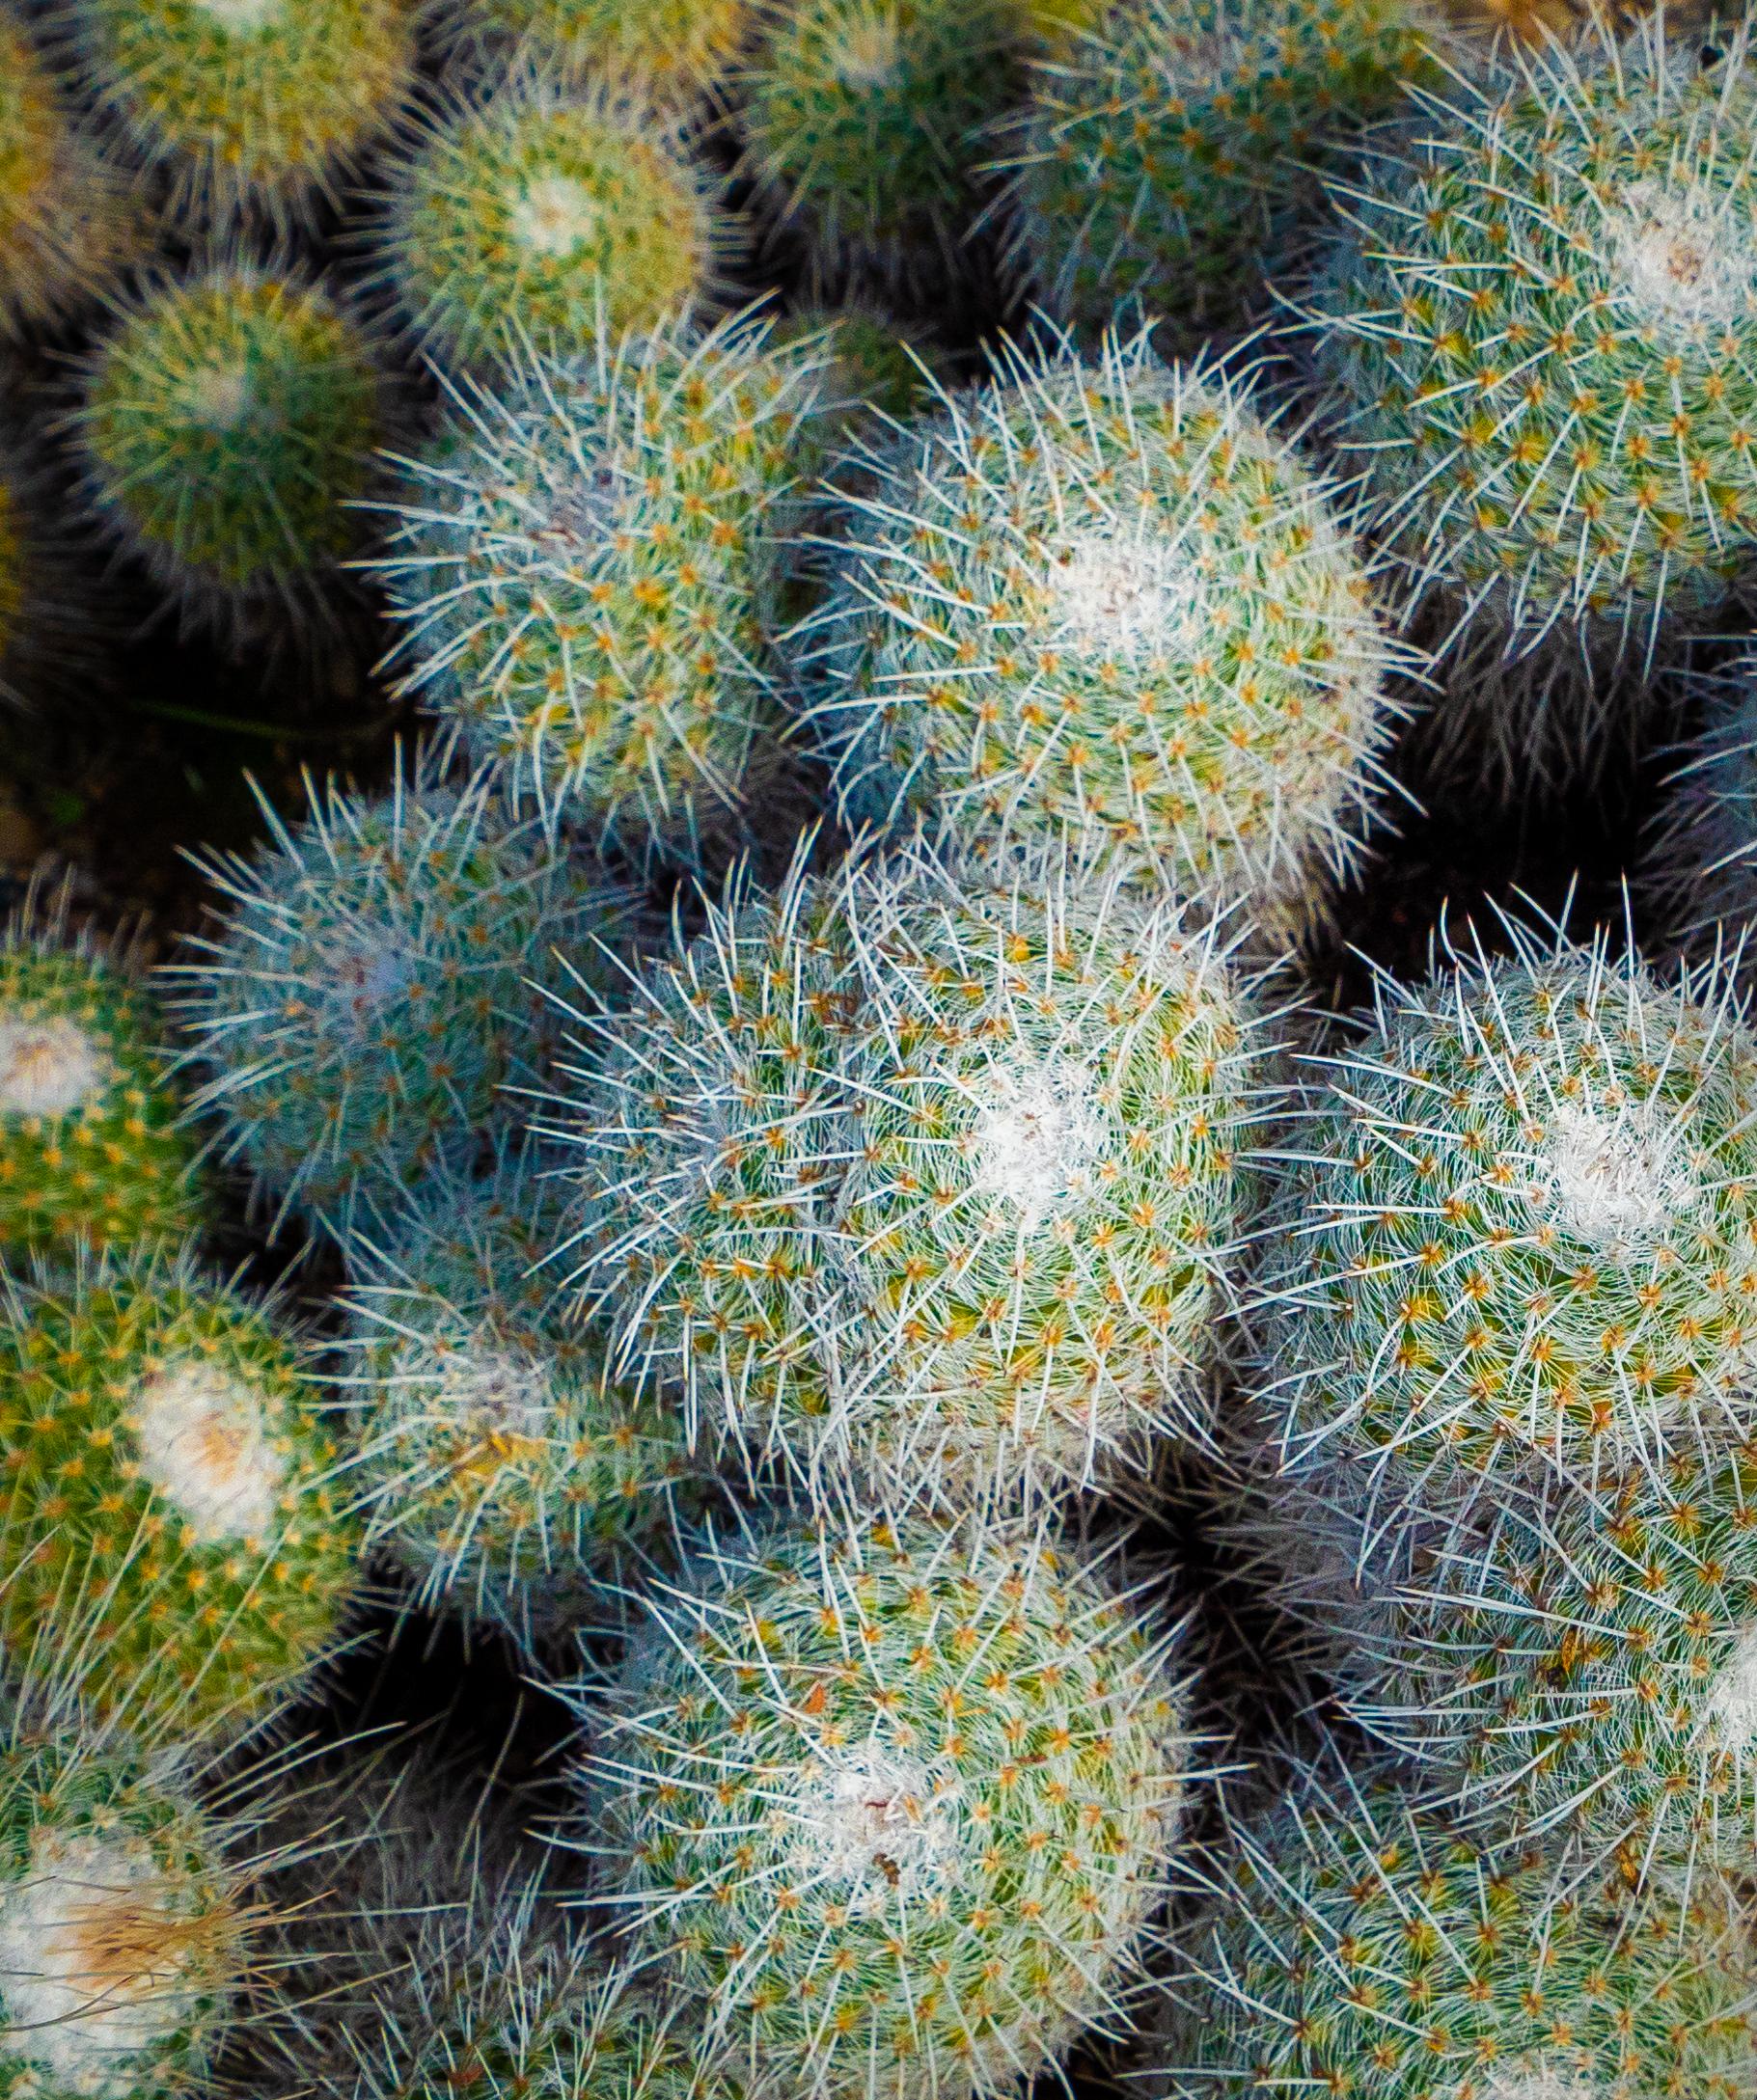 Lovely Spheres